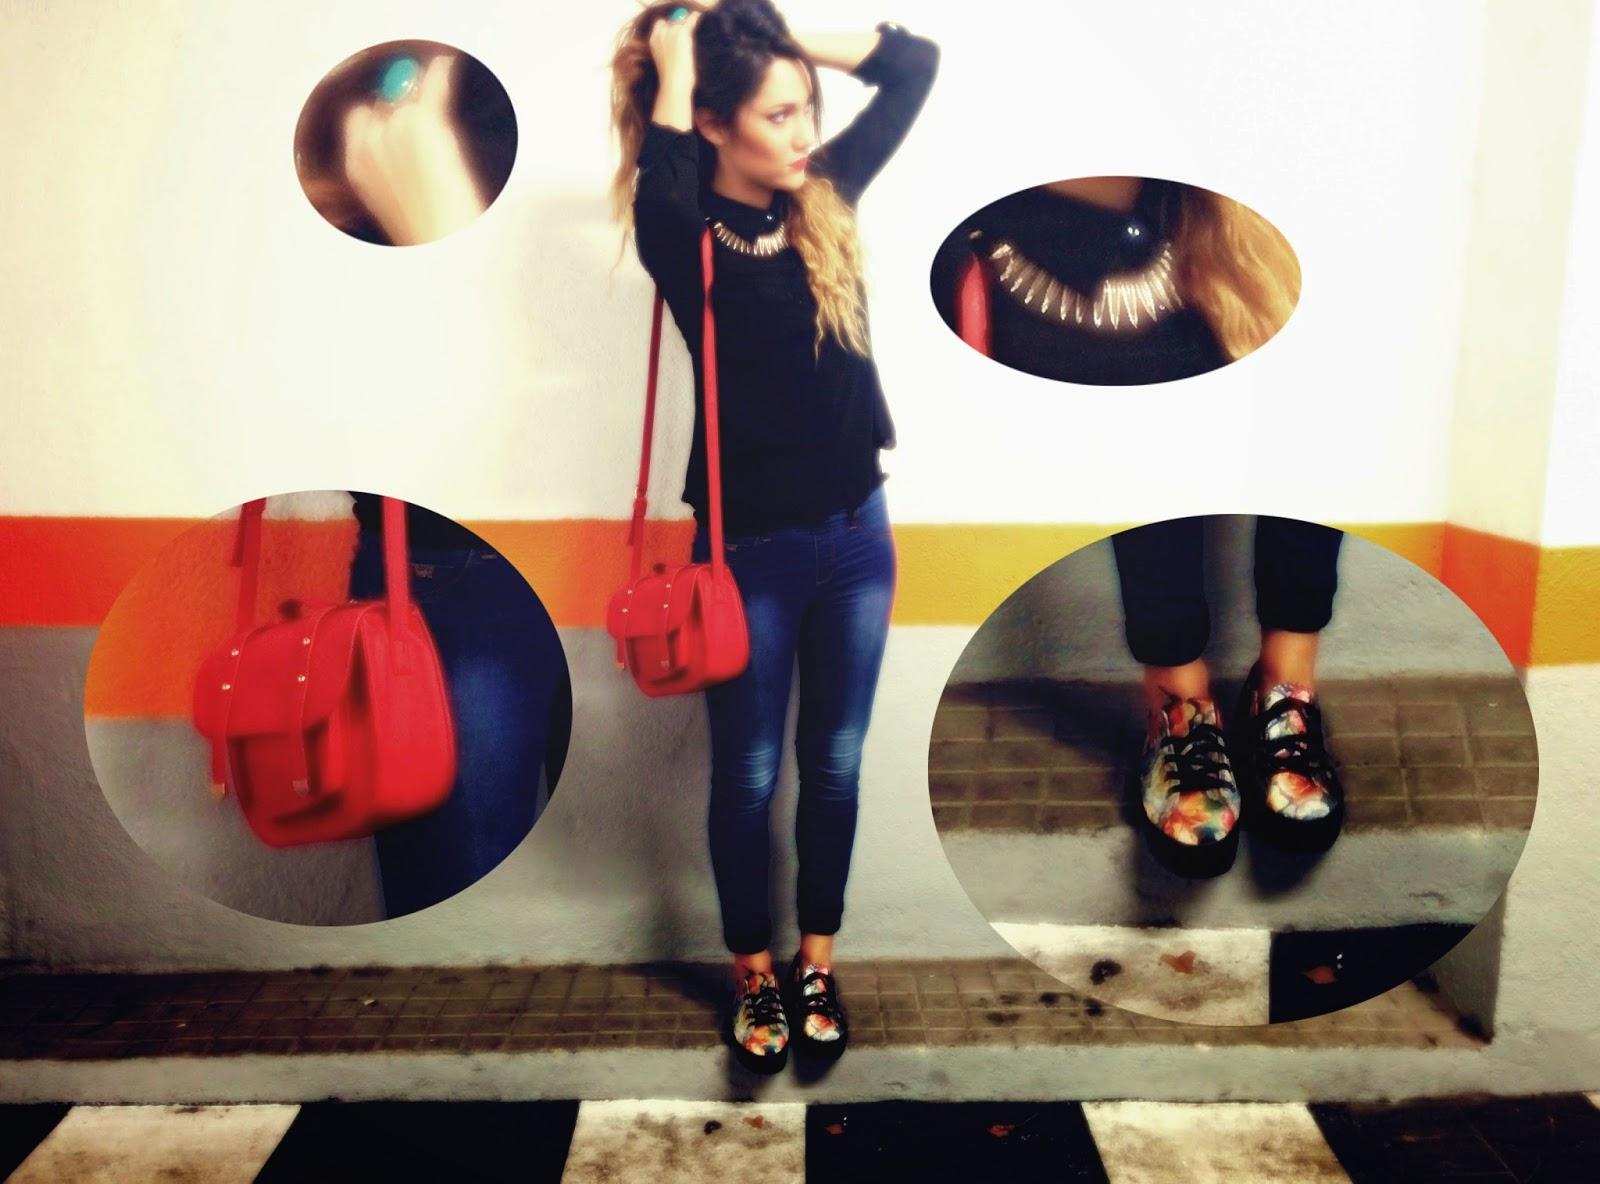 imagenes de zapatillas plataforma - imagenes de zapatillas | Zapatillas Nike para mujer Nike Store ES